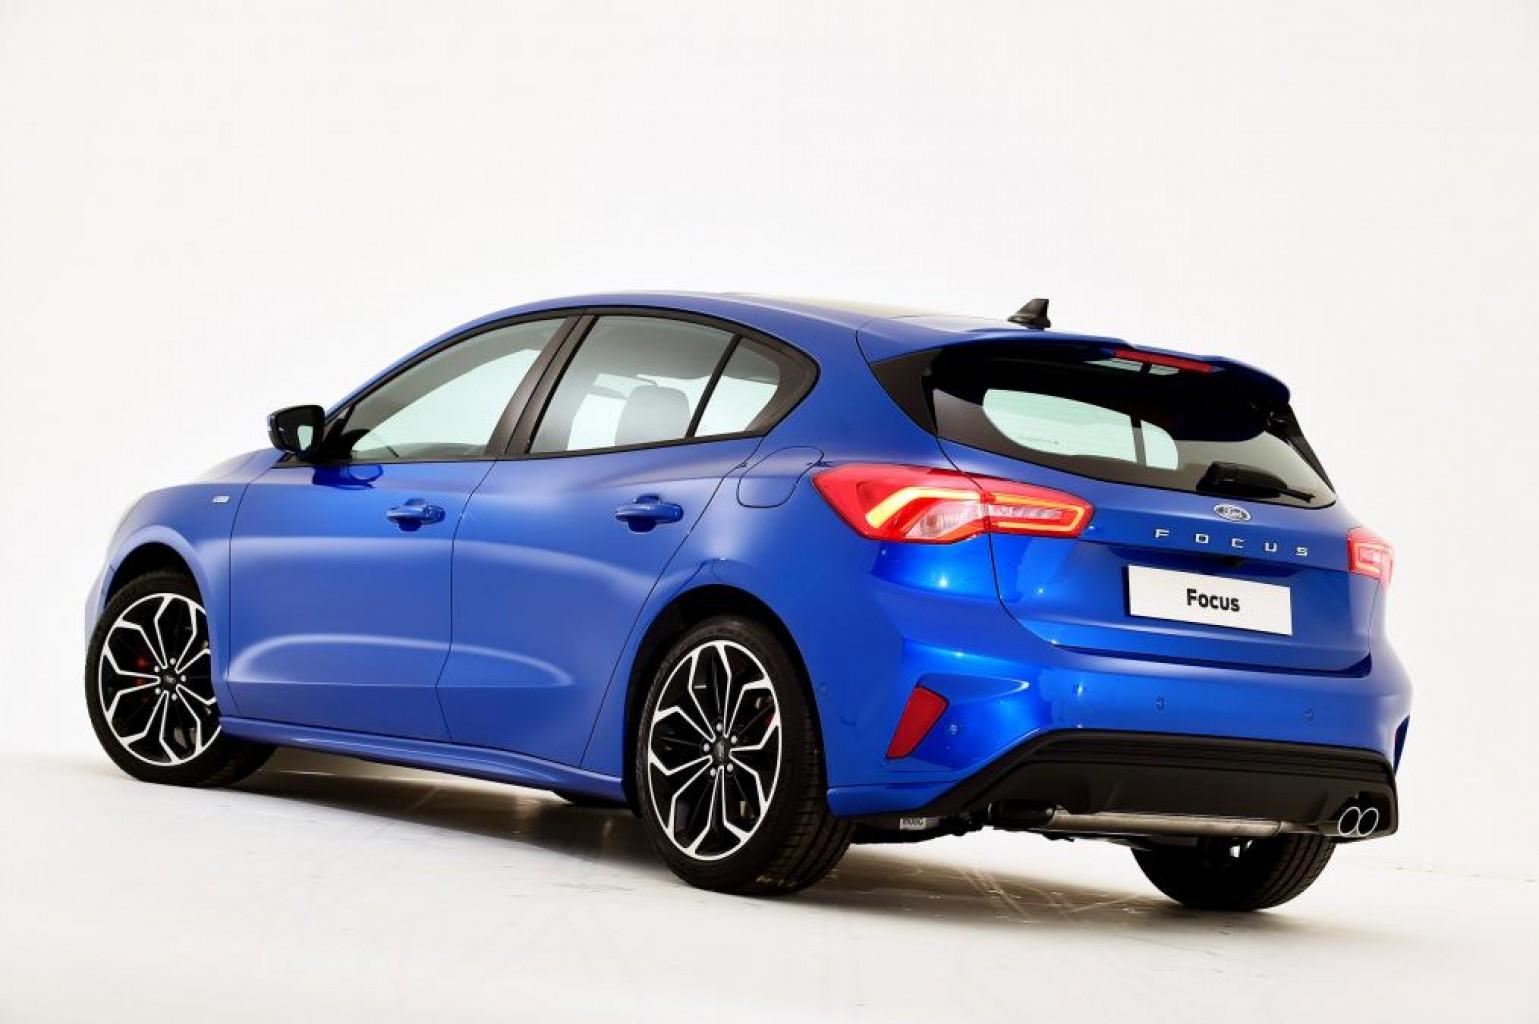 Ford presentó en Europa el nuevo Focus que llegará a Estados Unidos y Latinoamérica para el 2019